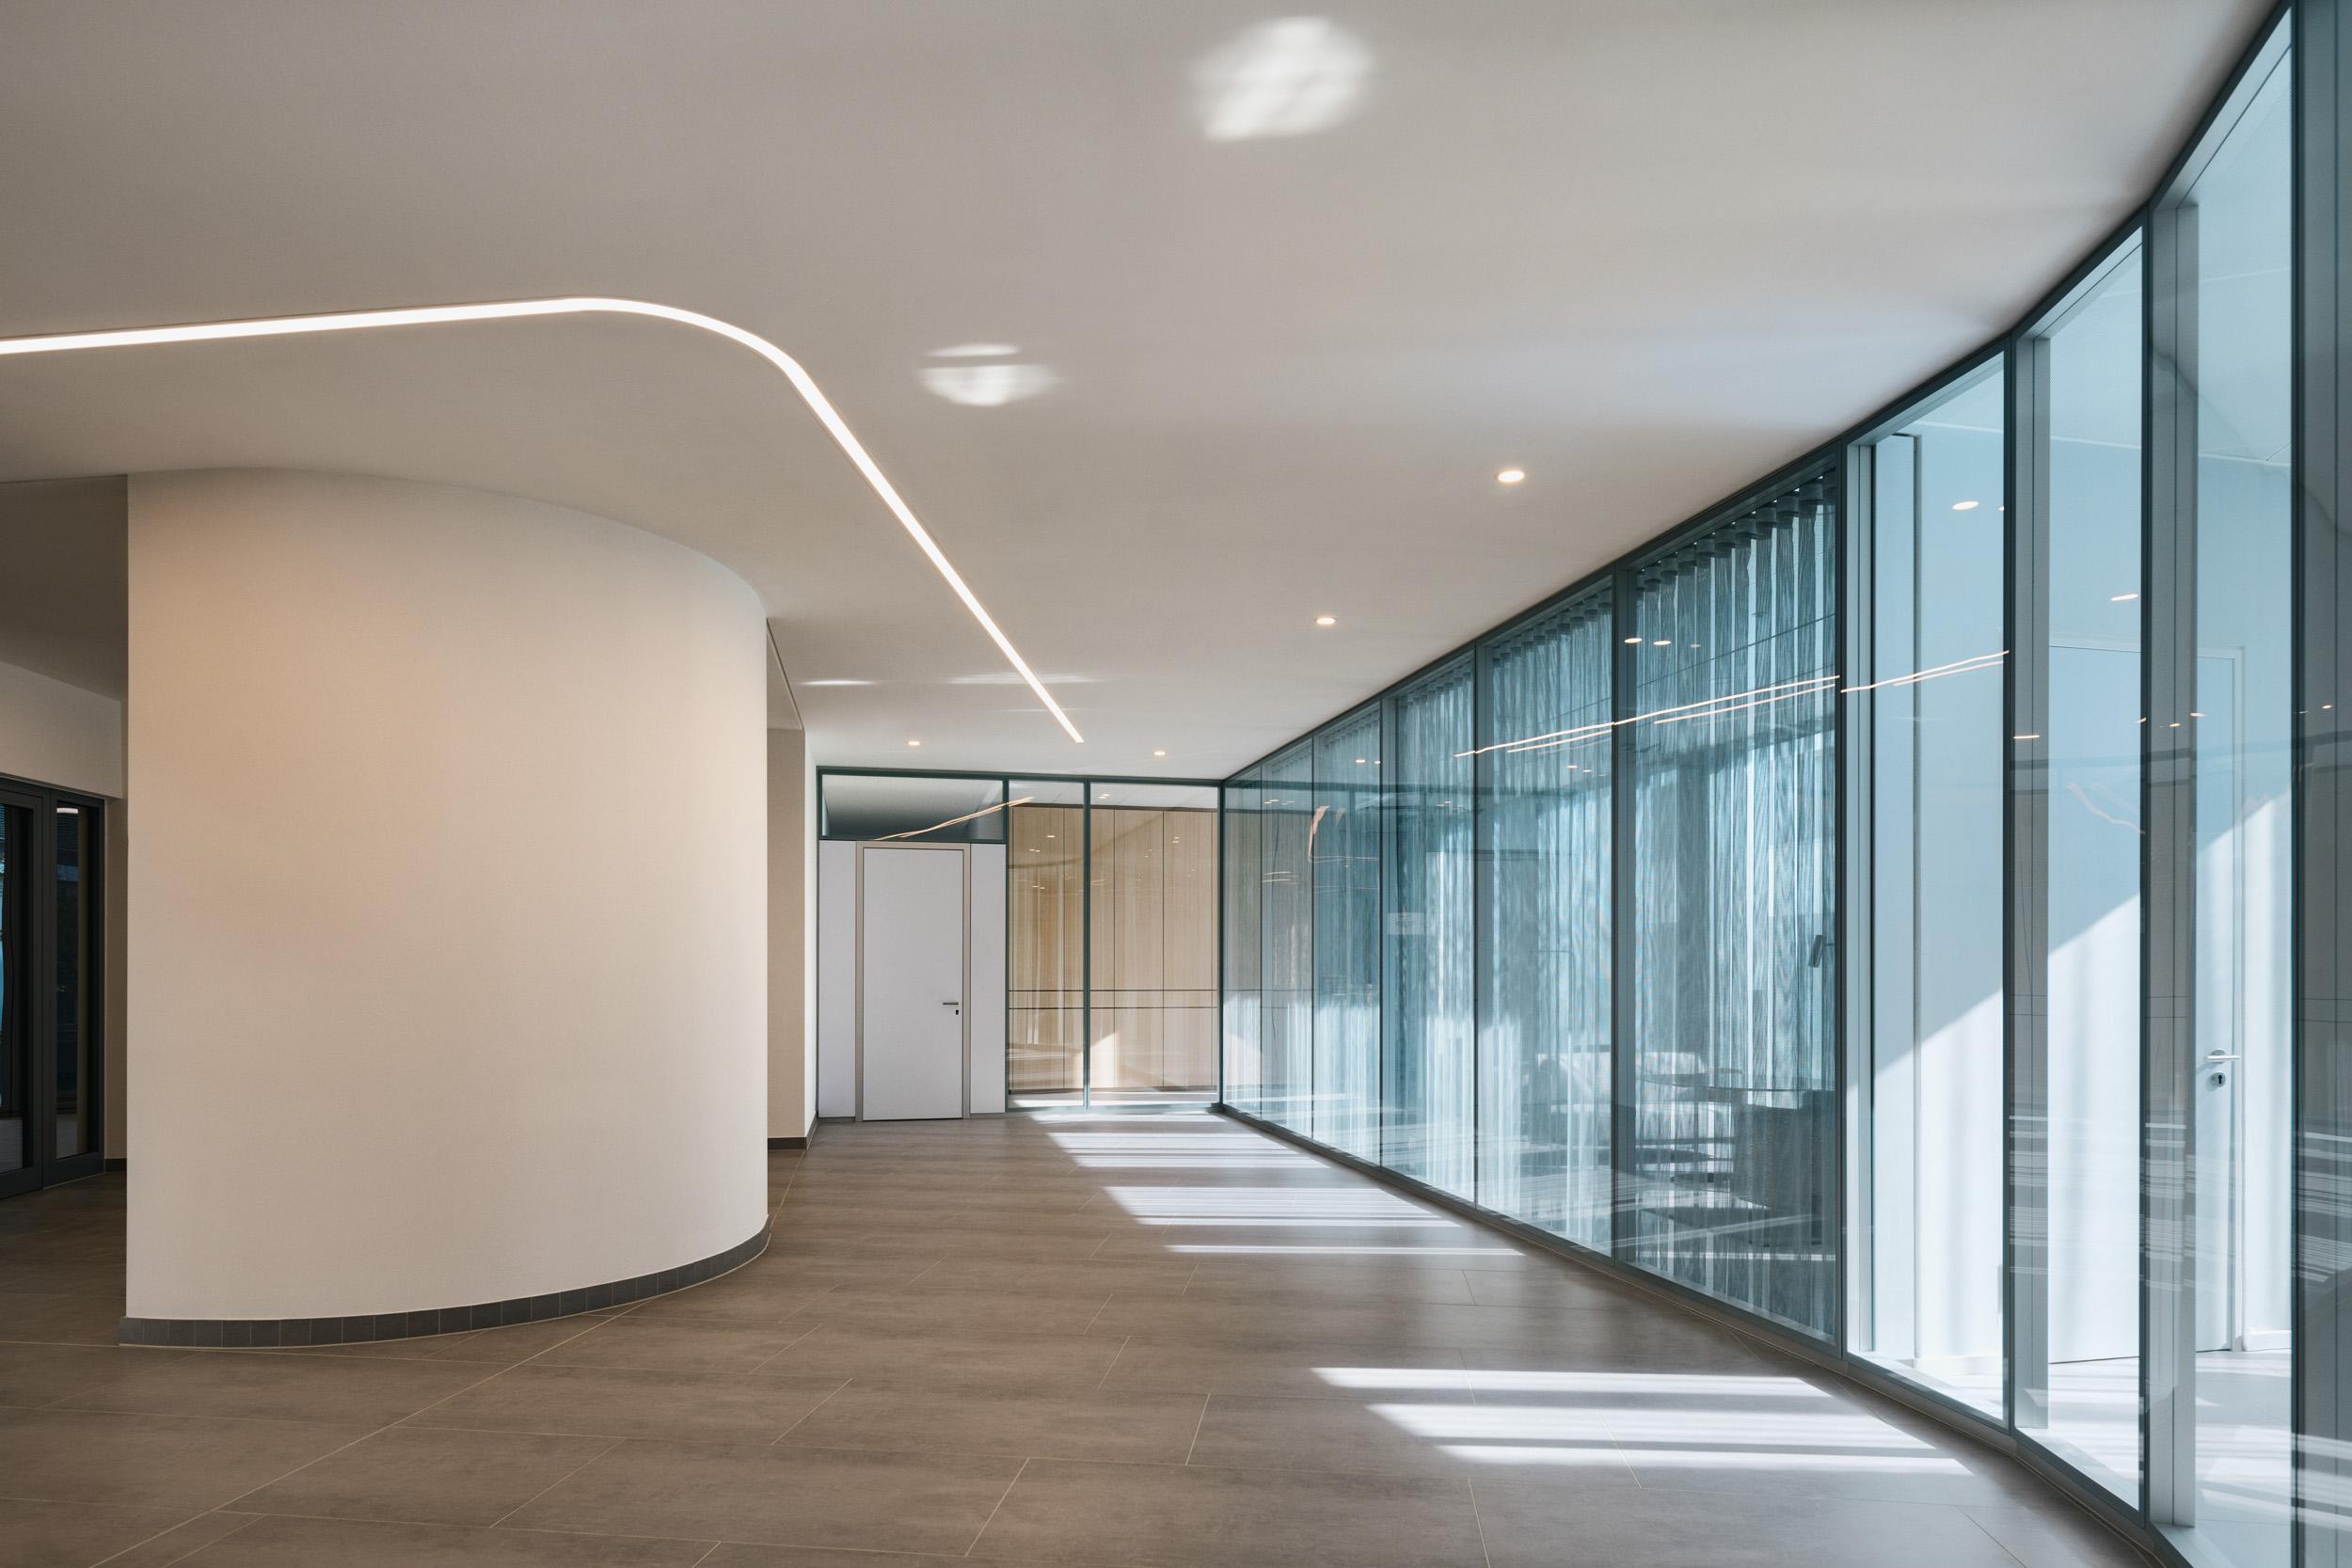 Gustav-Epple-Bauunternehmung-Infinity-Düsseldoef-Schwannstrasse-Architektur-Büro_MLX5595